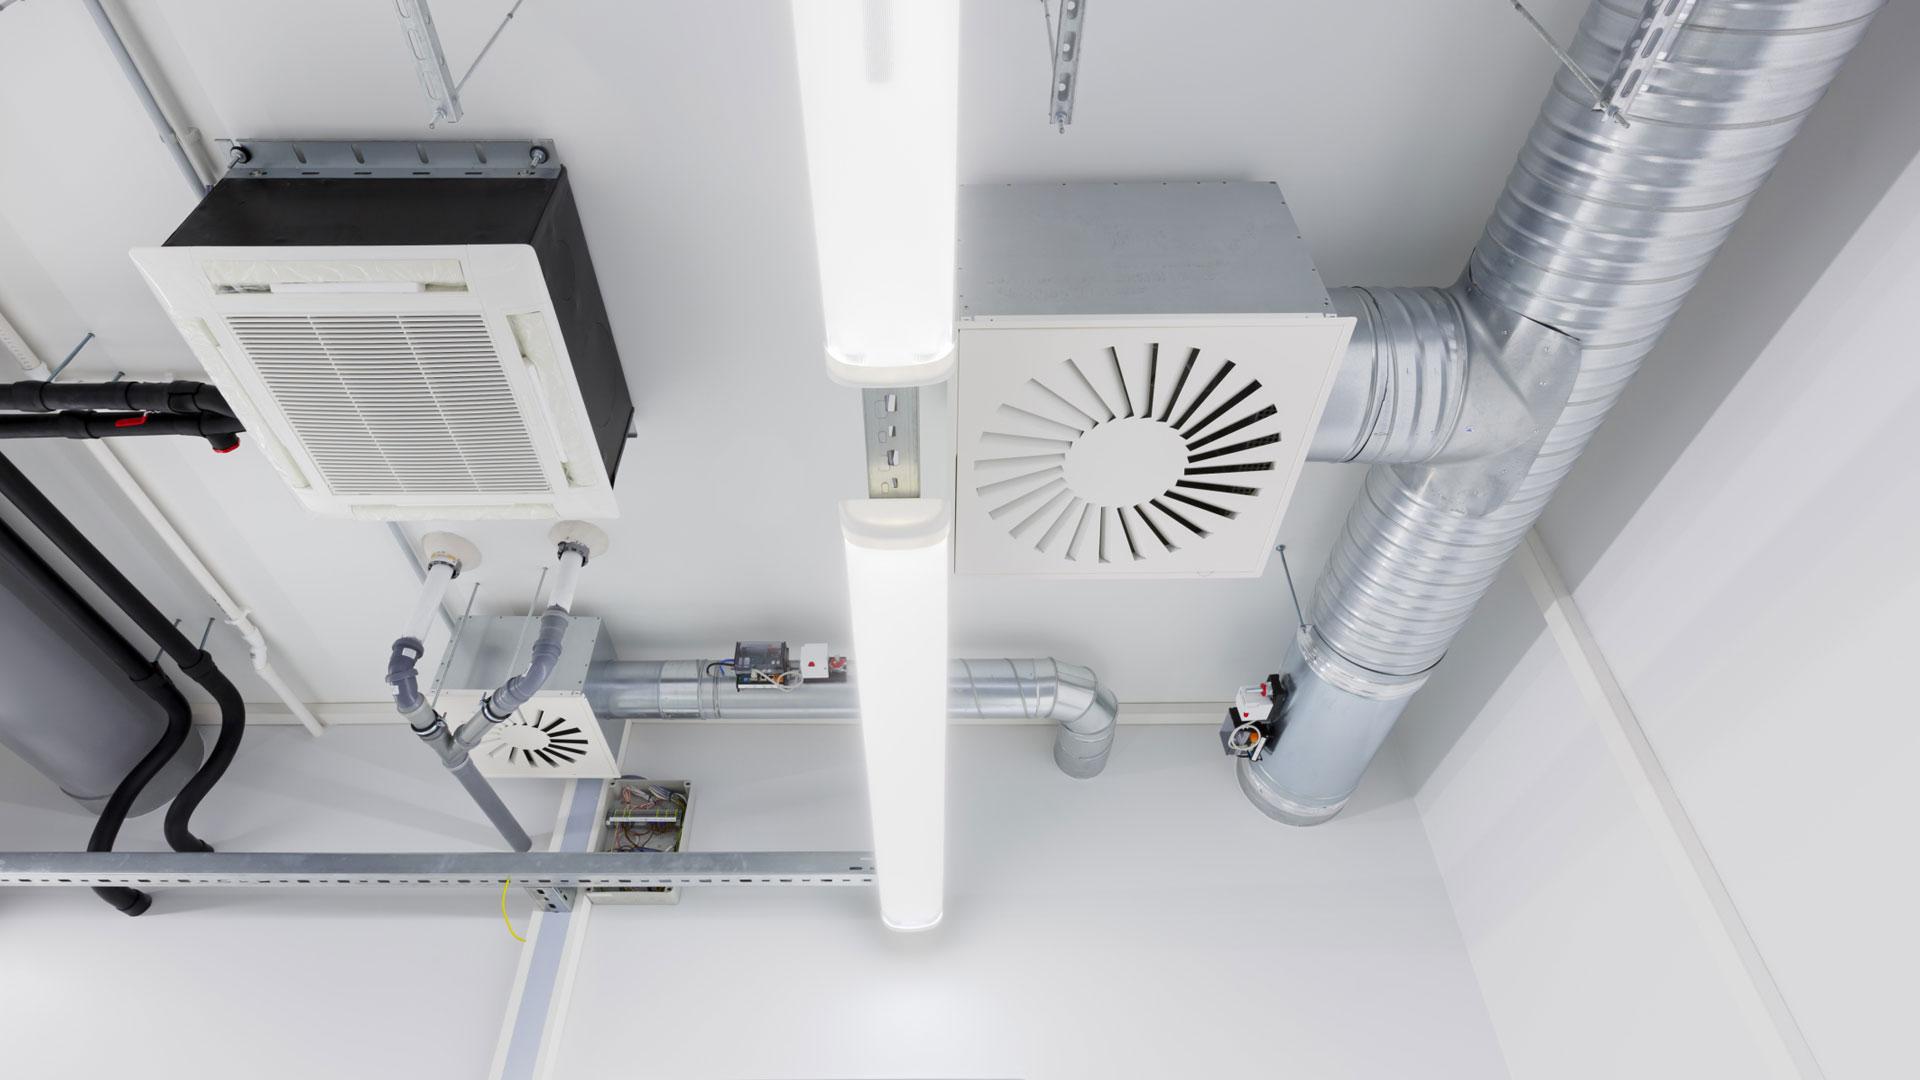 Limpeza Sistemas Avac - Arvac - Serviços de Manutenção